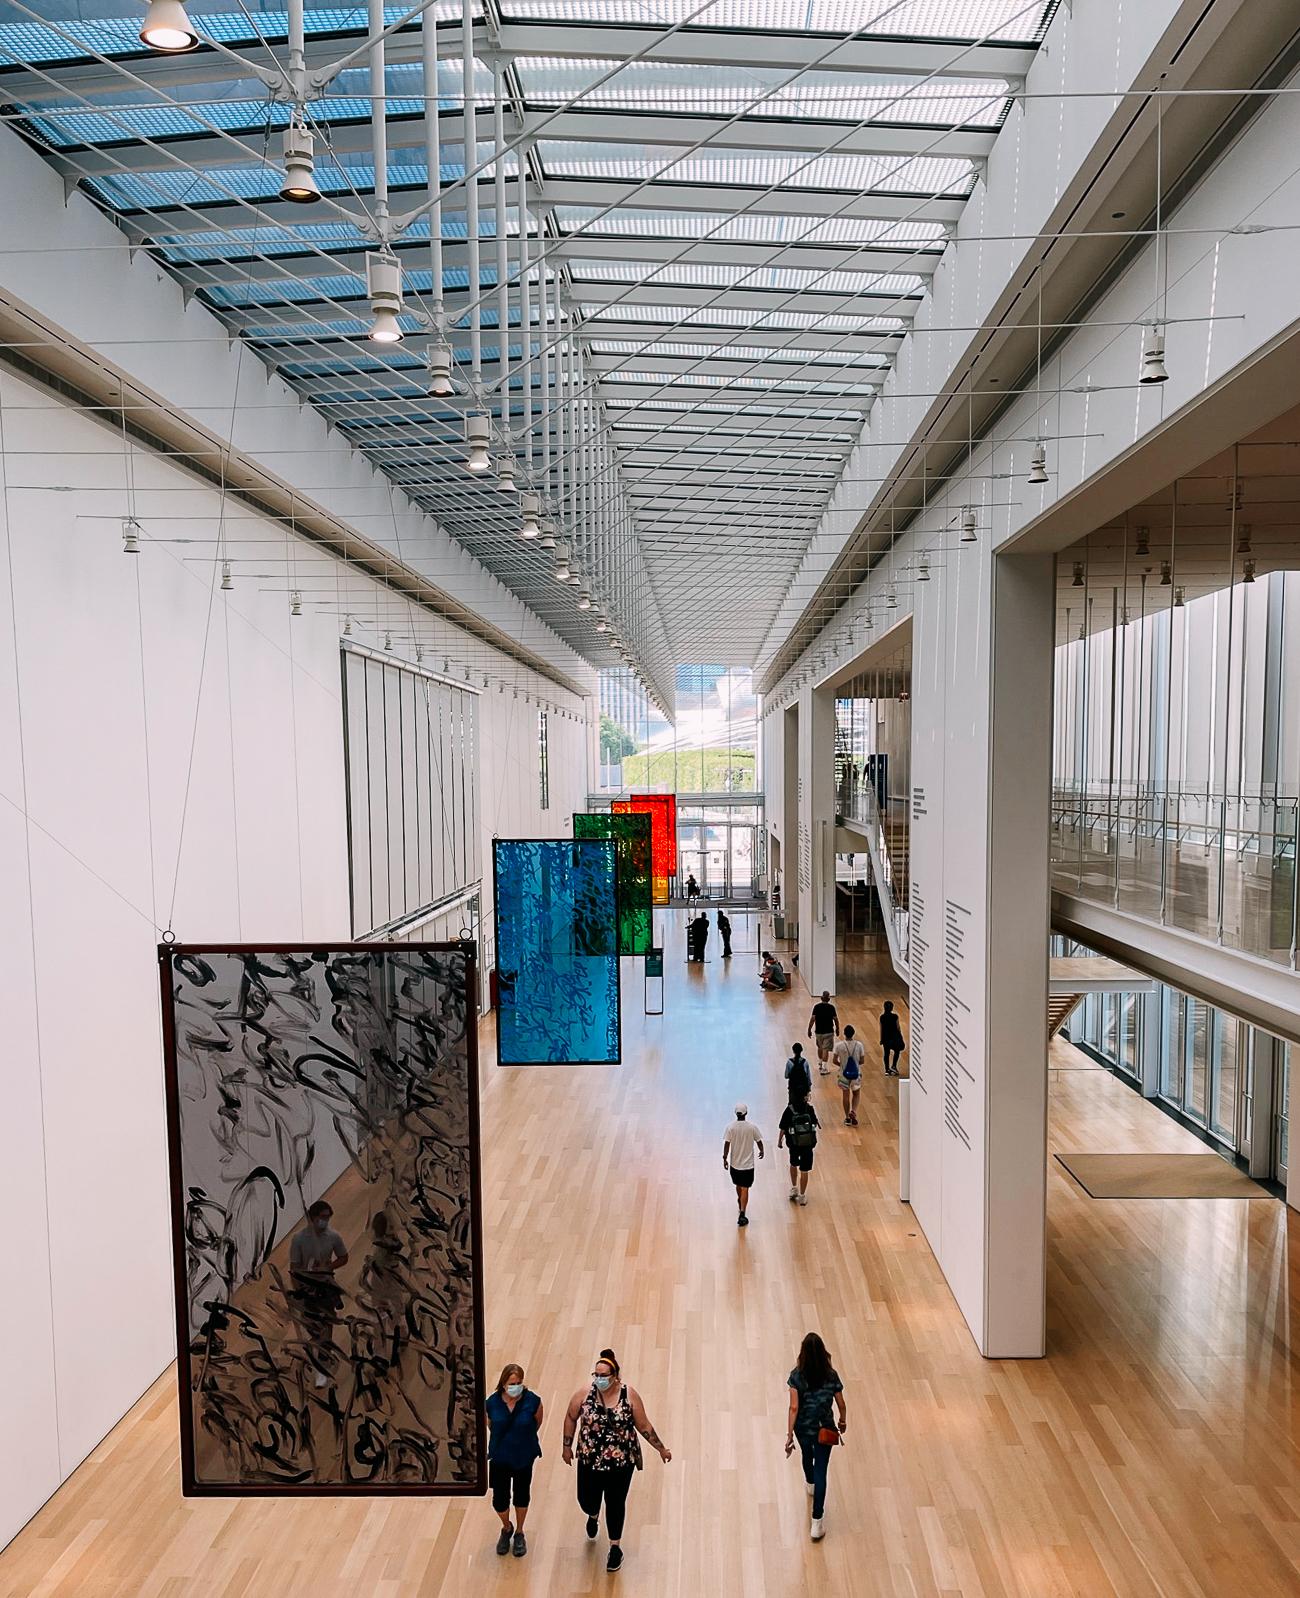 Interior of the Chicago Art Institute